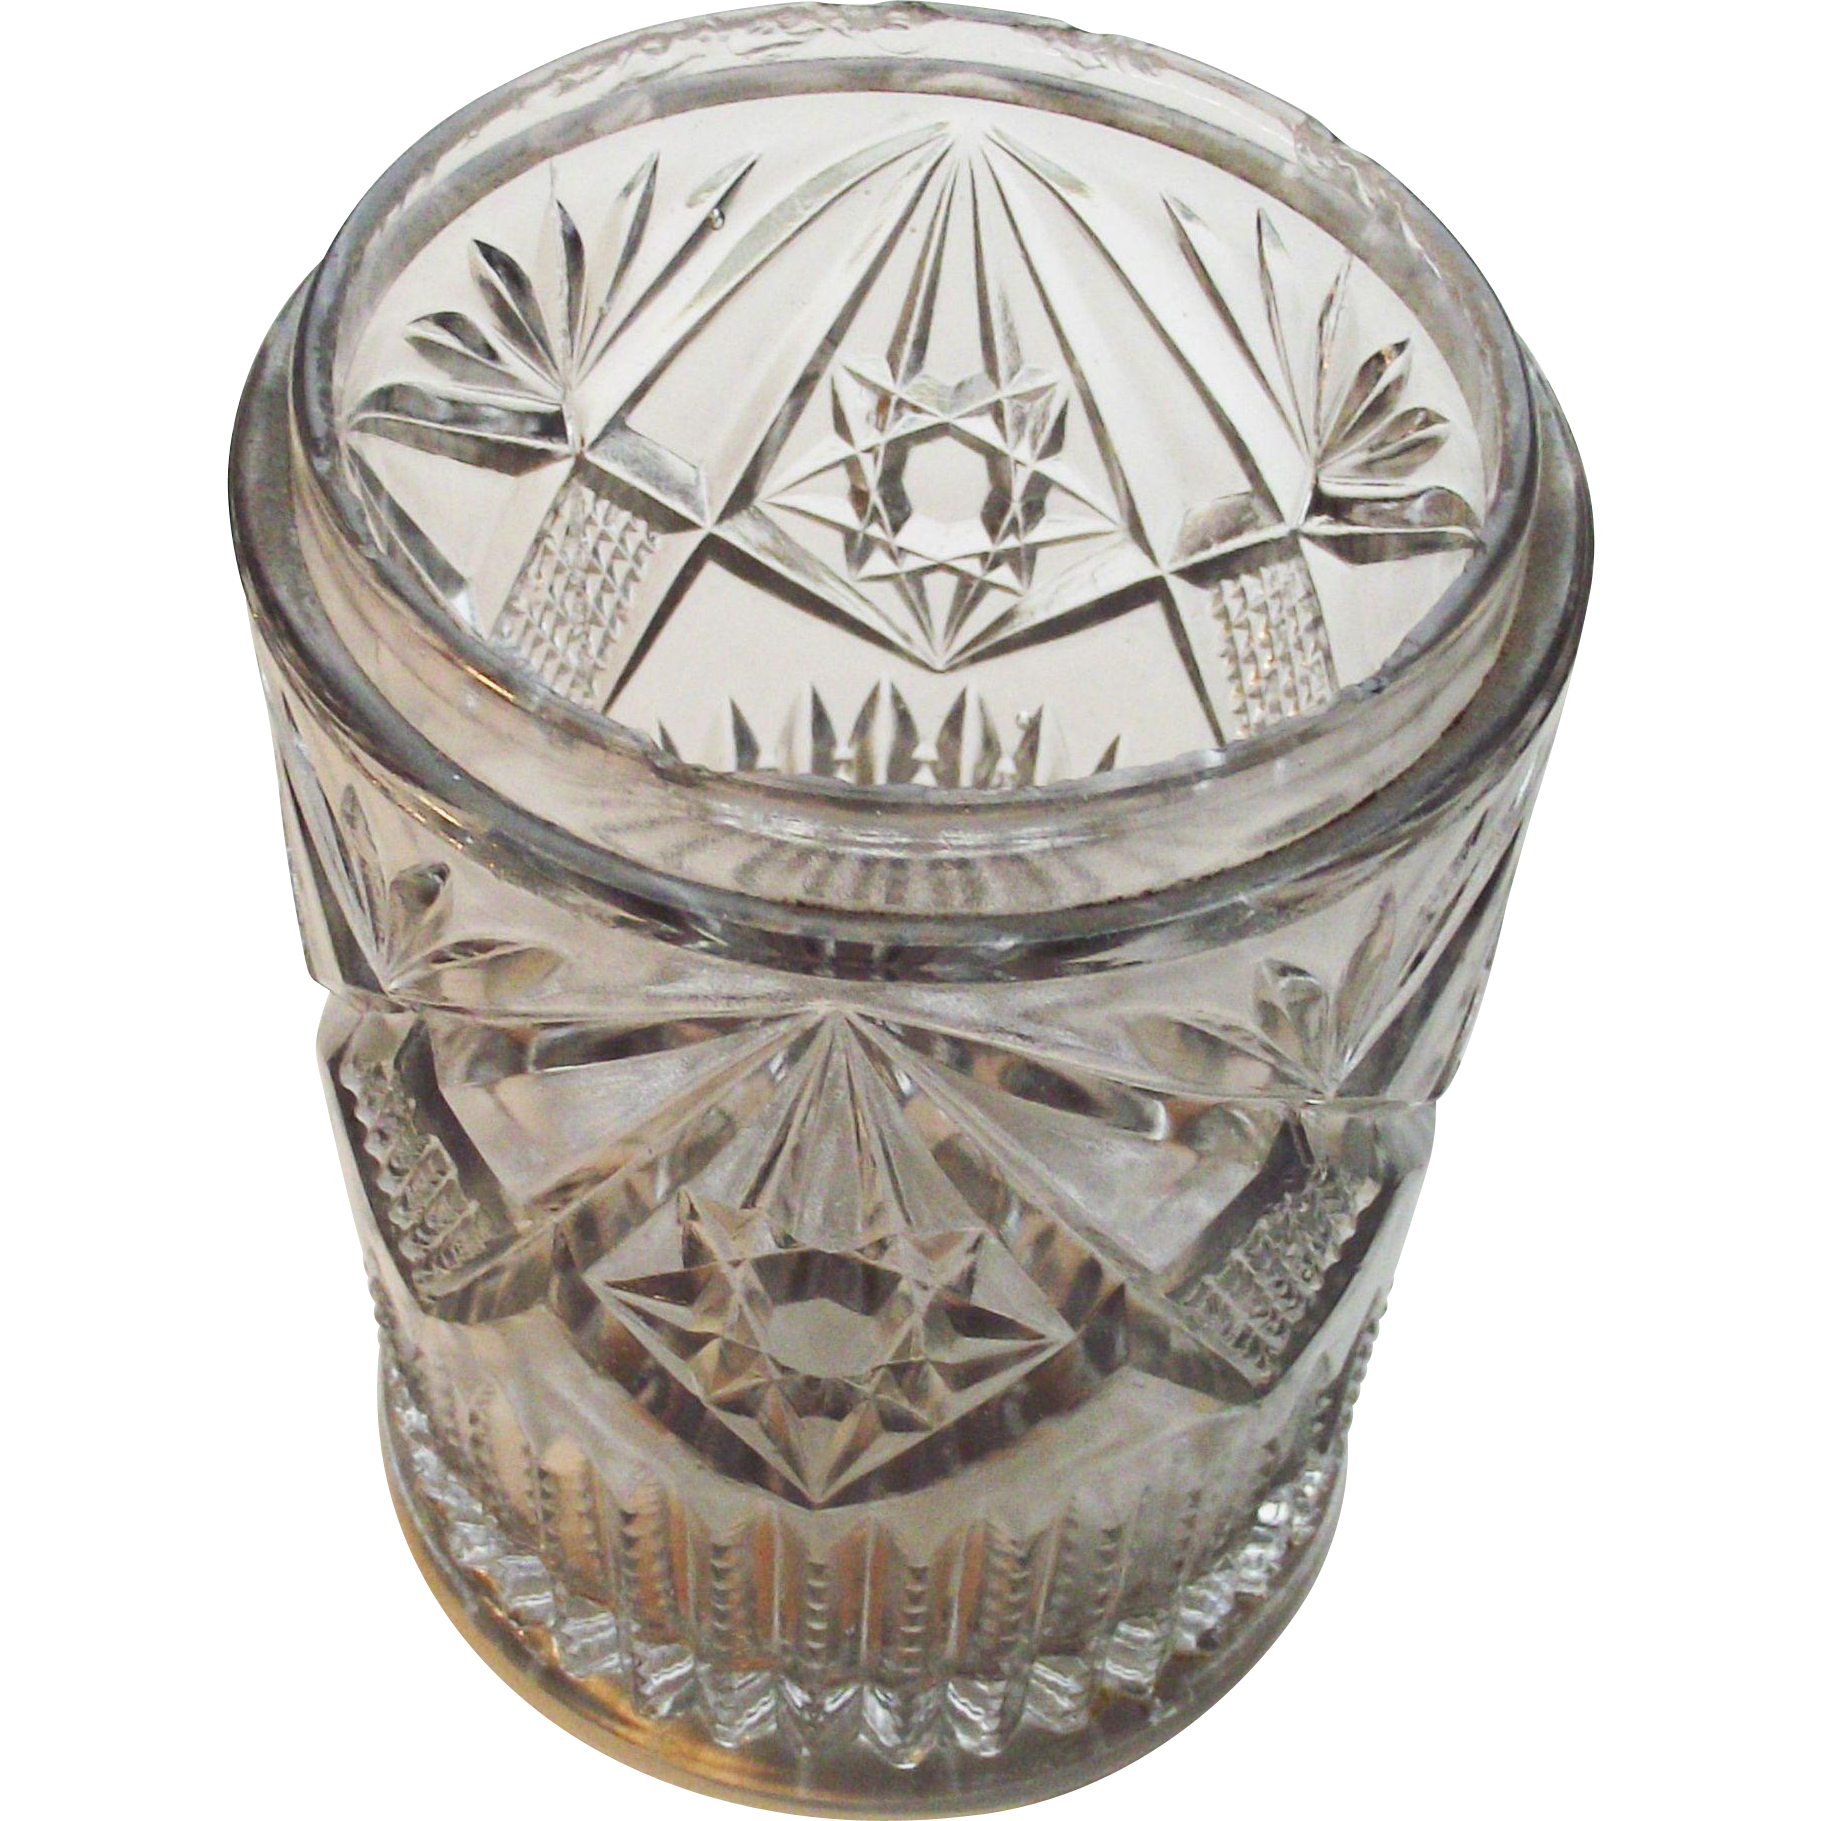 Victorian EAPG Pickle Castor Glass Insert